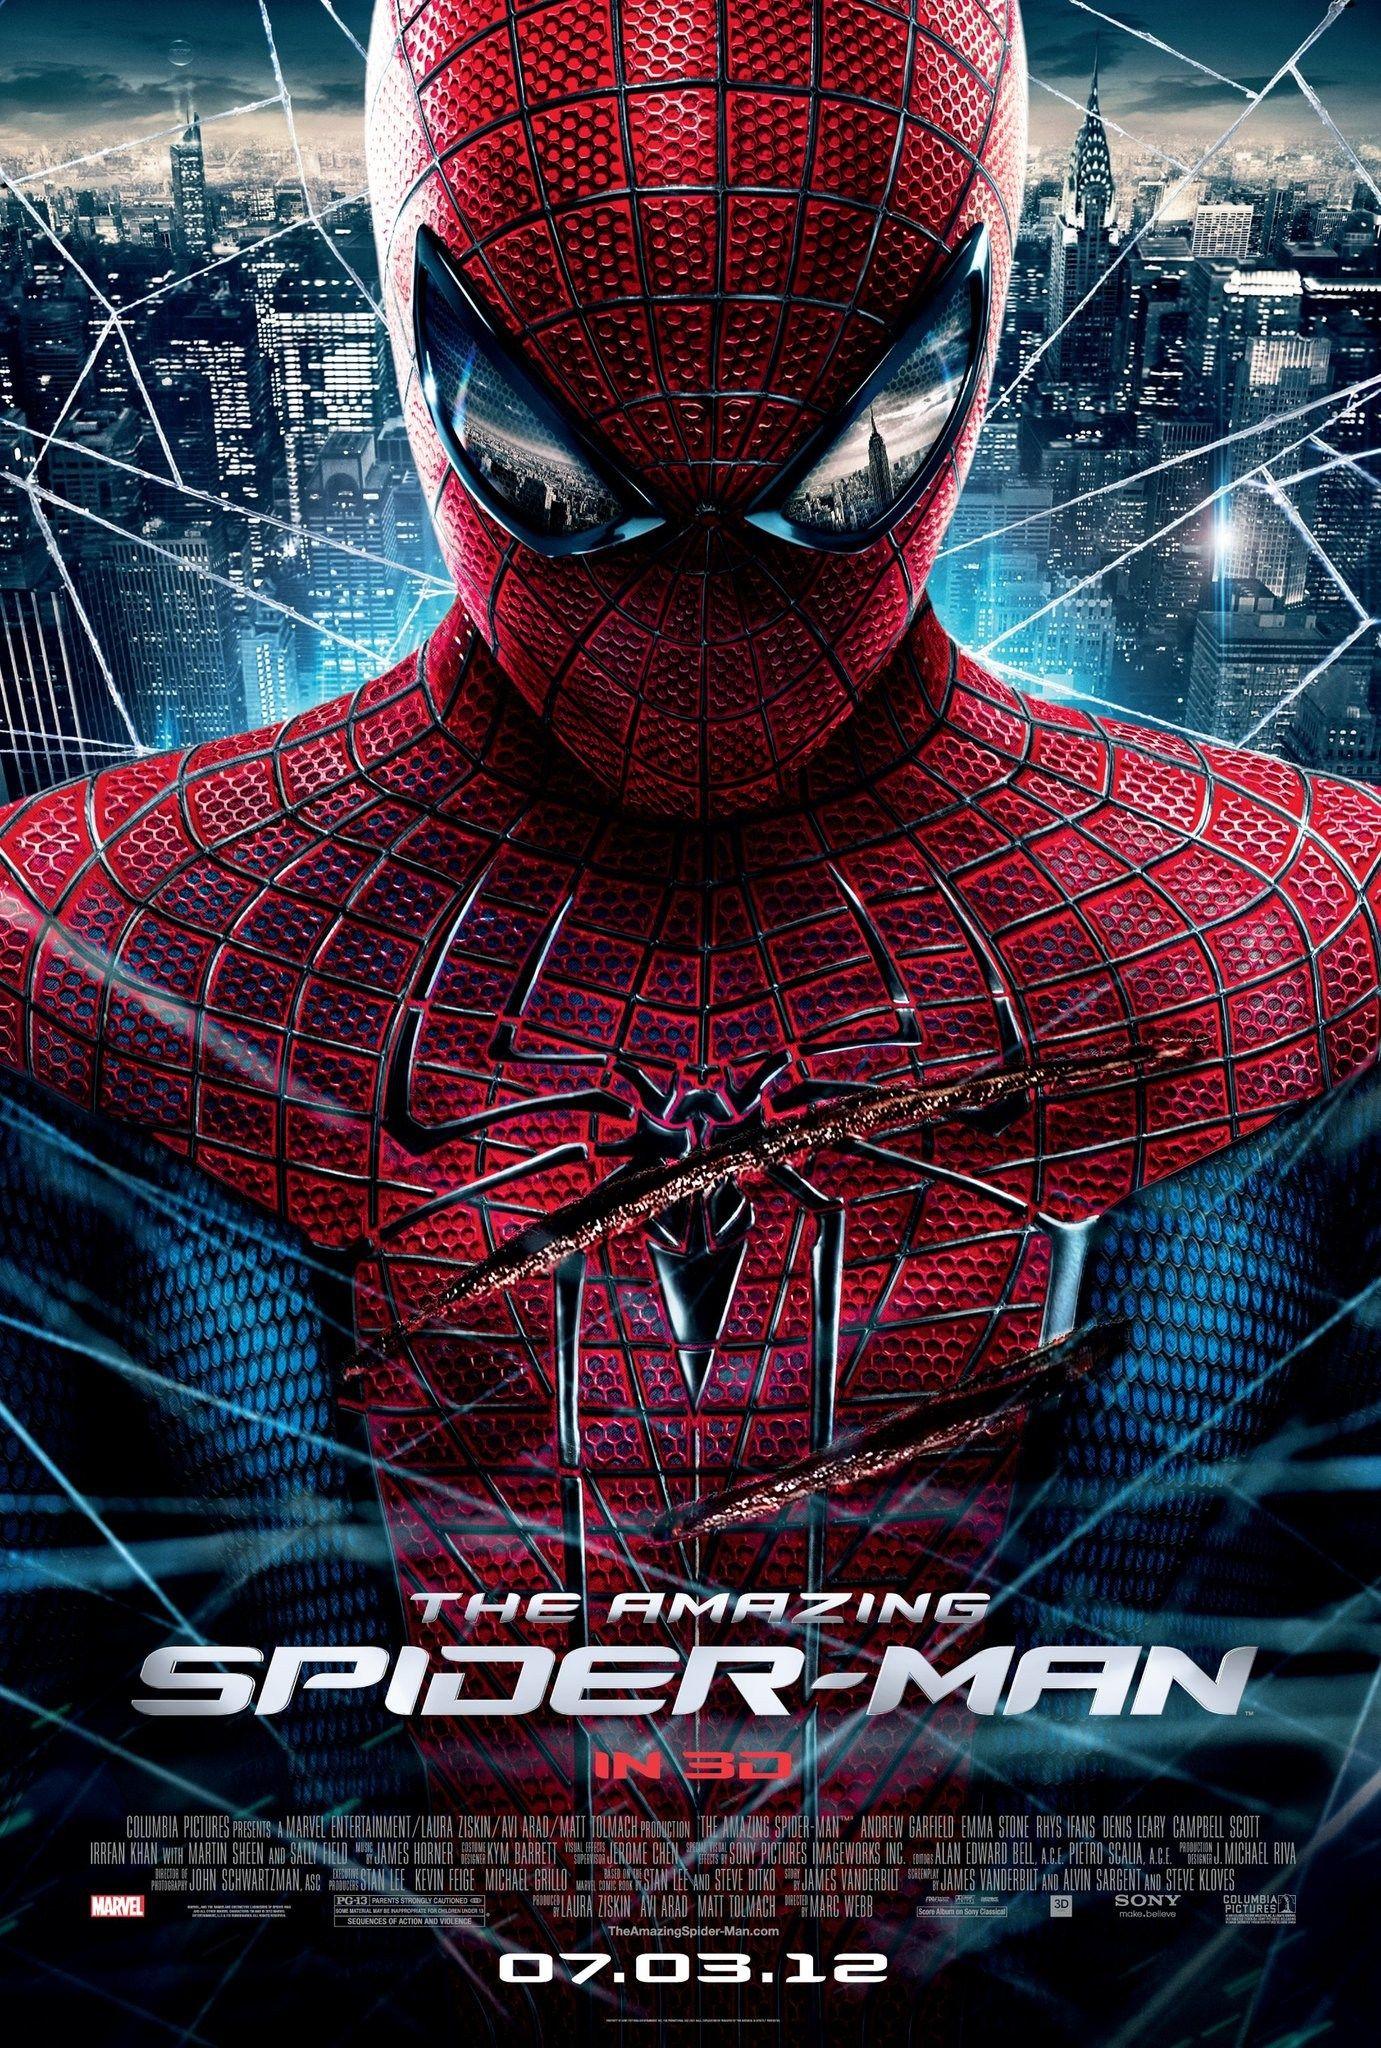 pinbilbo on movie | movies, movie posters, amazing spider